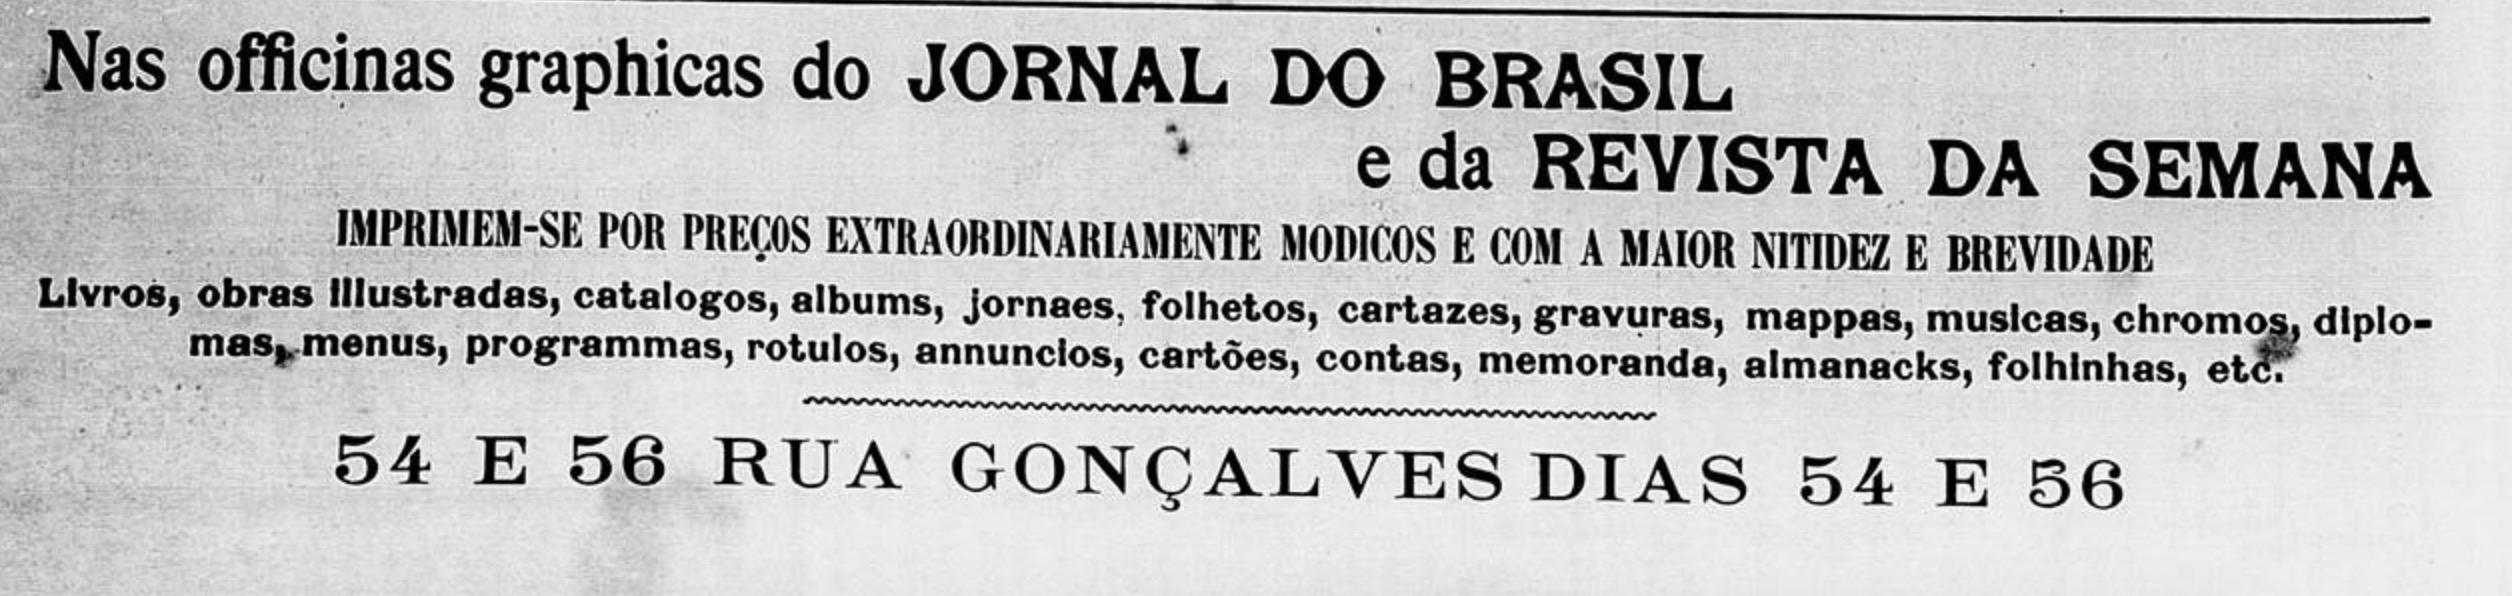 Anúncio de 1901 promovia os serviços gráficos do Jornal do Brasil